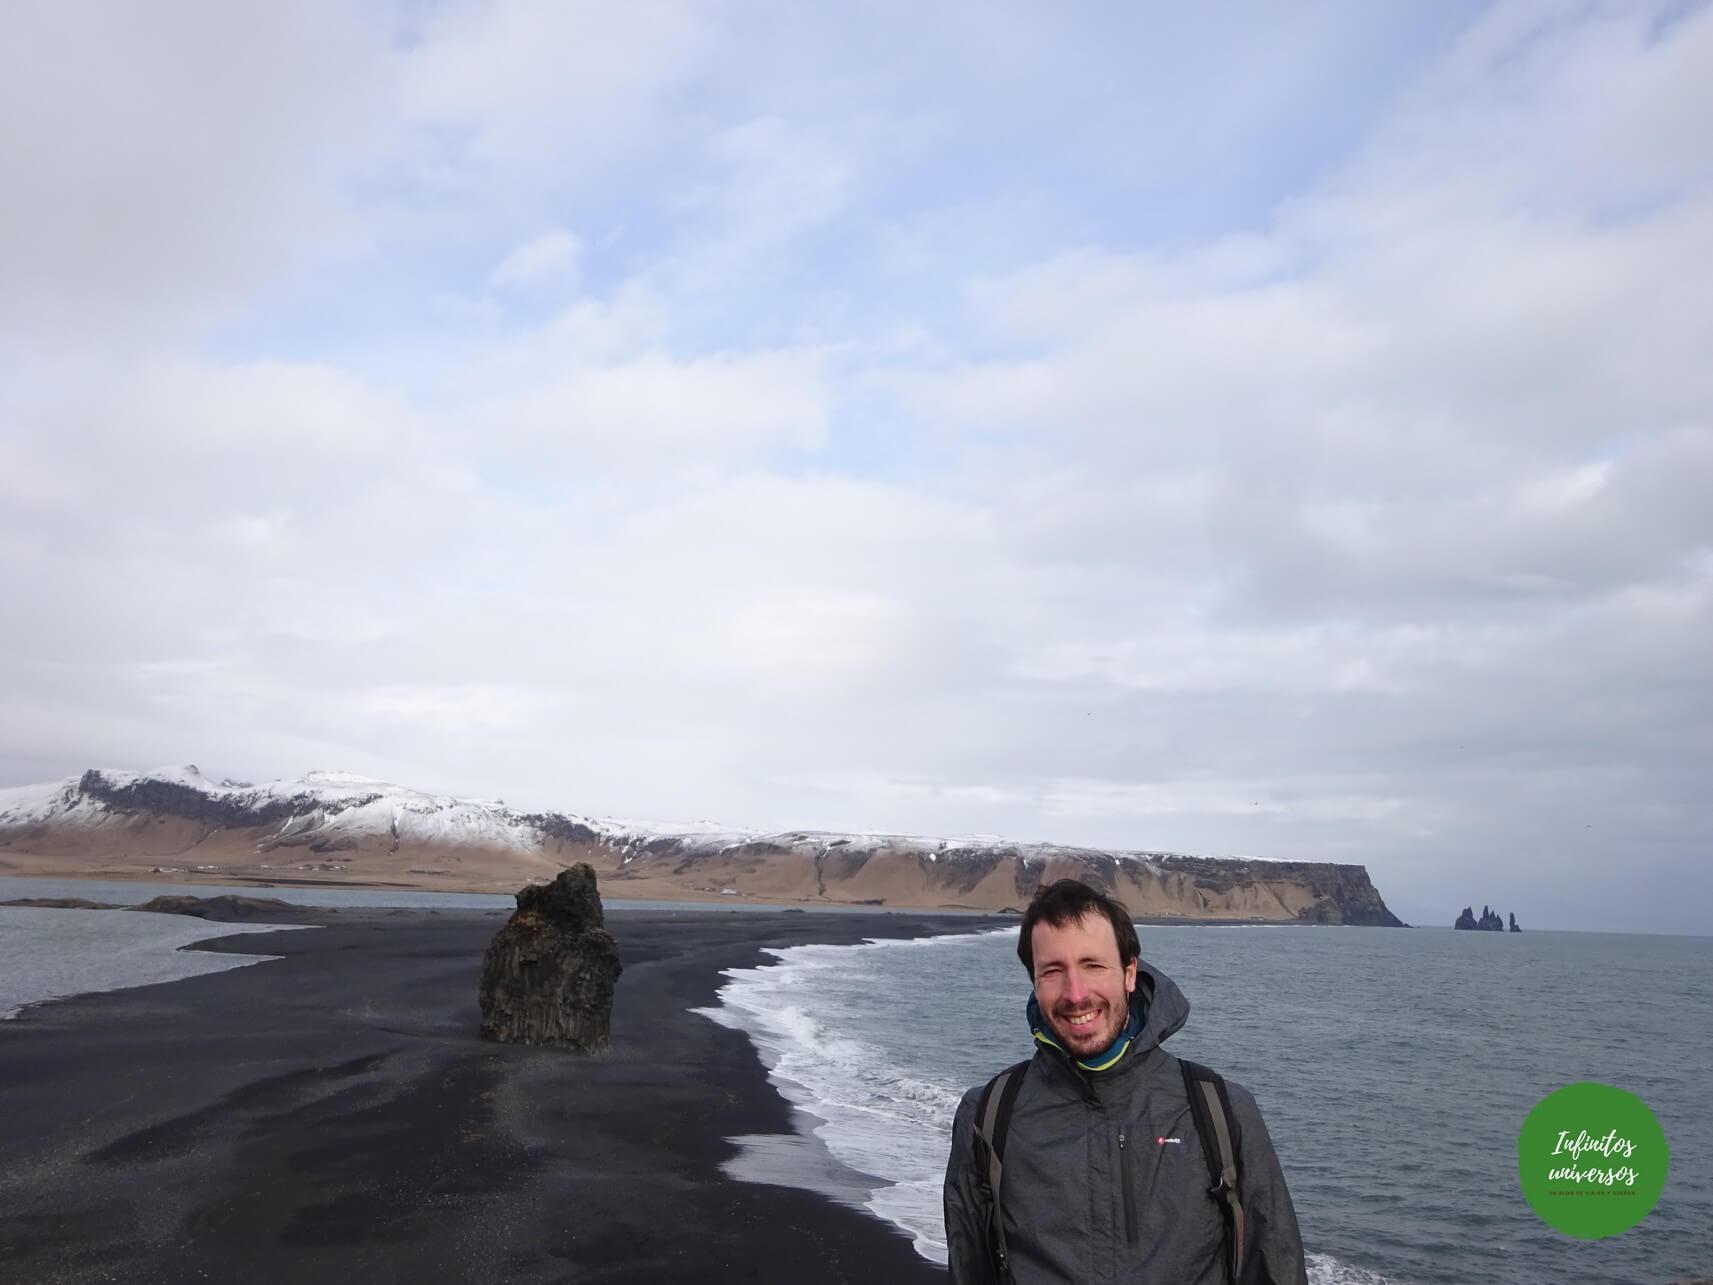 Qué ver en Vik: acantilado Dyrhólaey y la playa de arena negra Reynisfjara dyrhólaey vik islandia